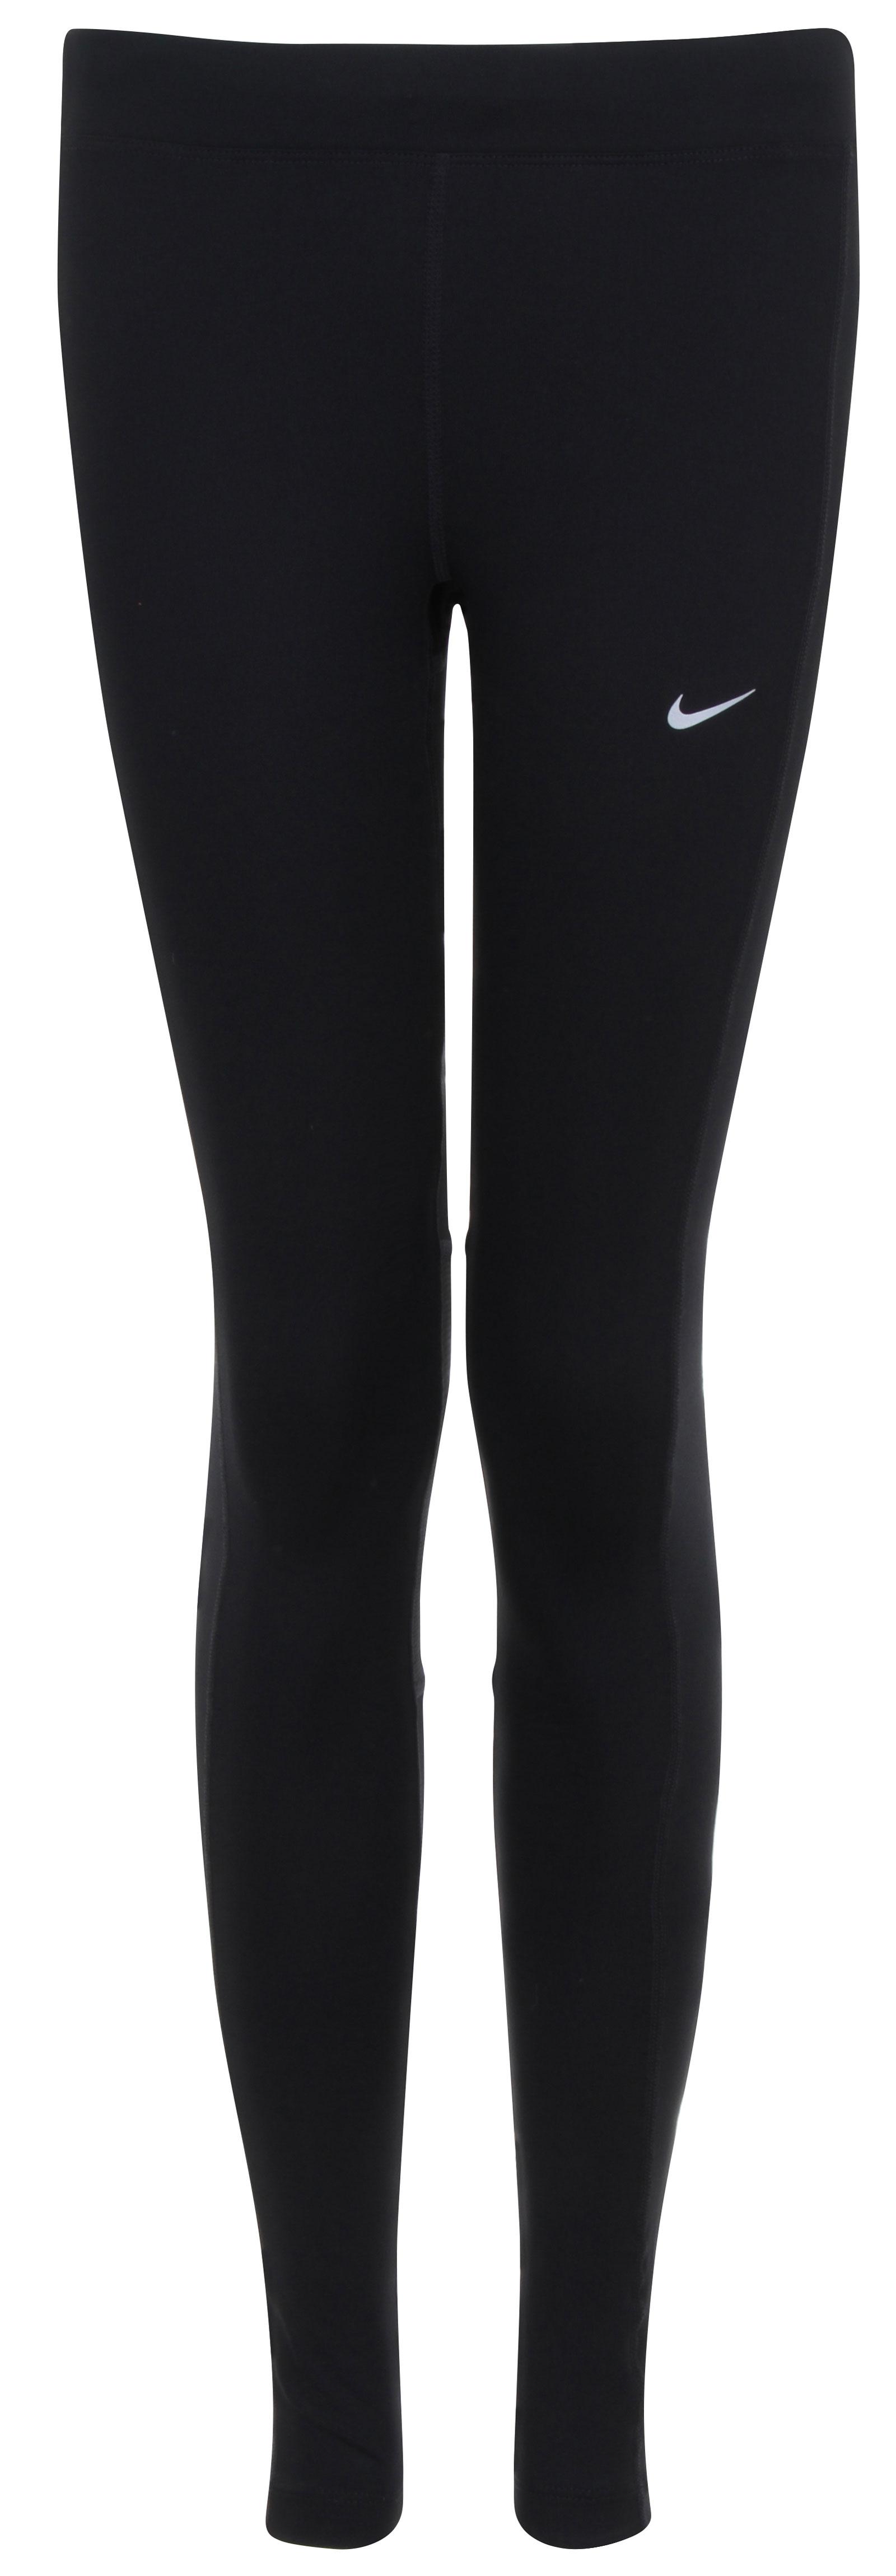 New Nike Essential Dri-Fit Womens Running Tights ...